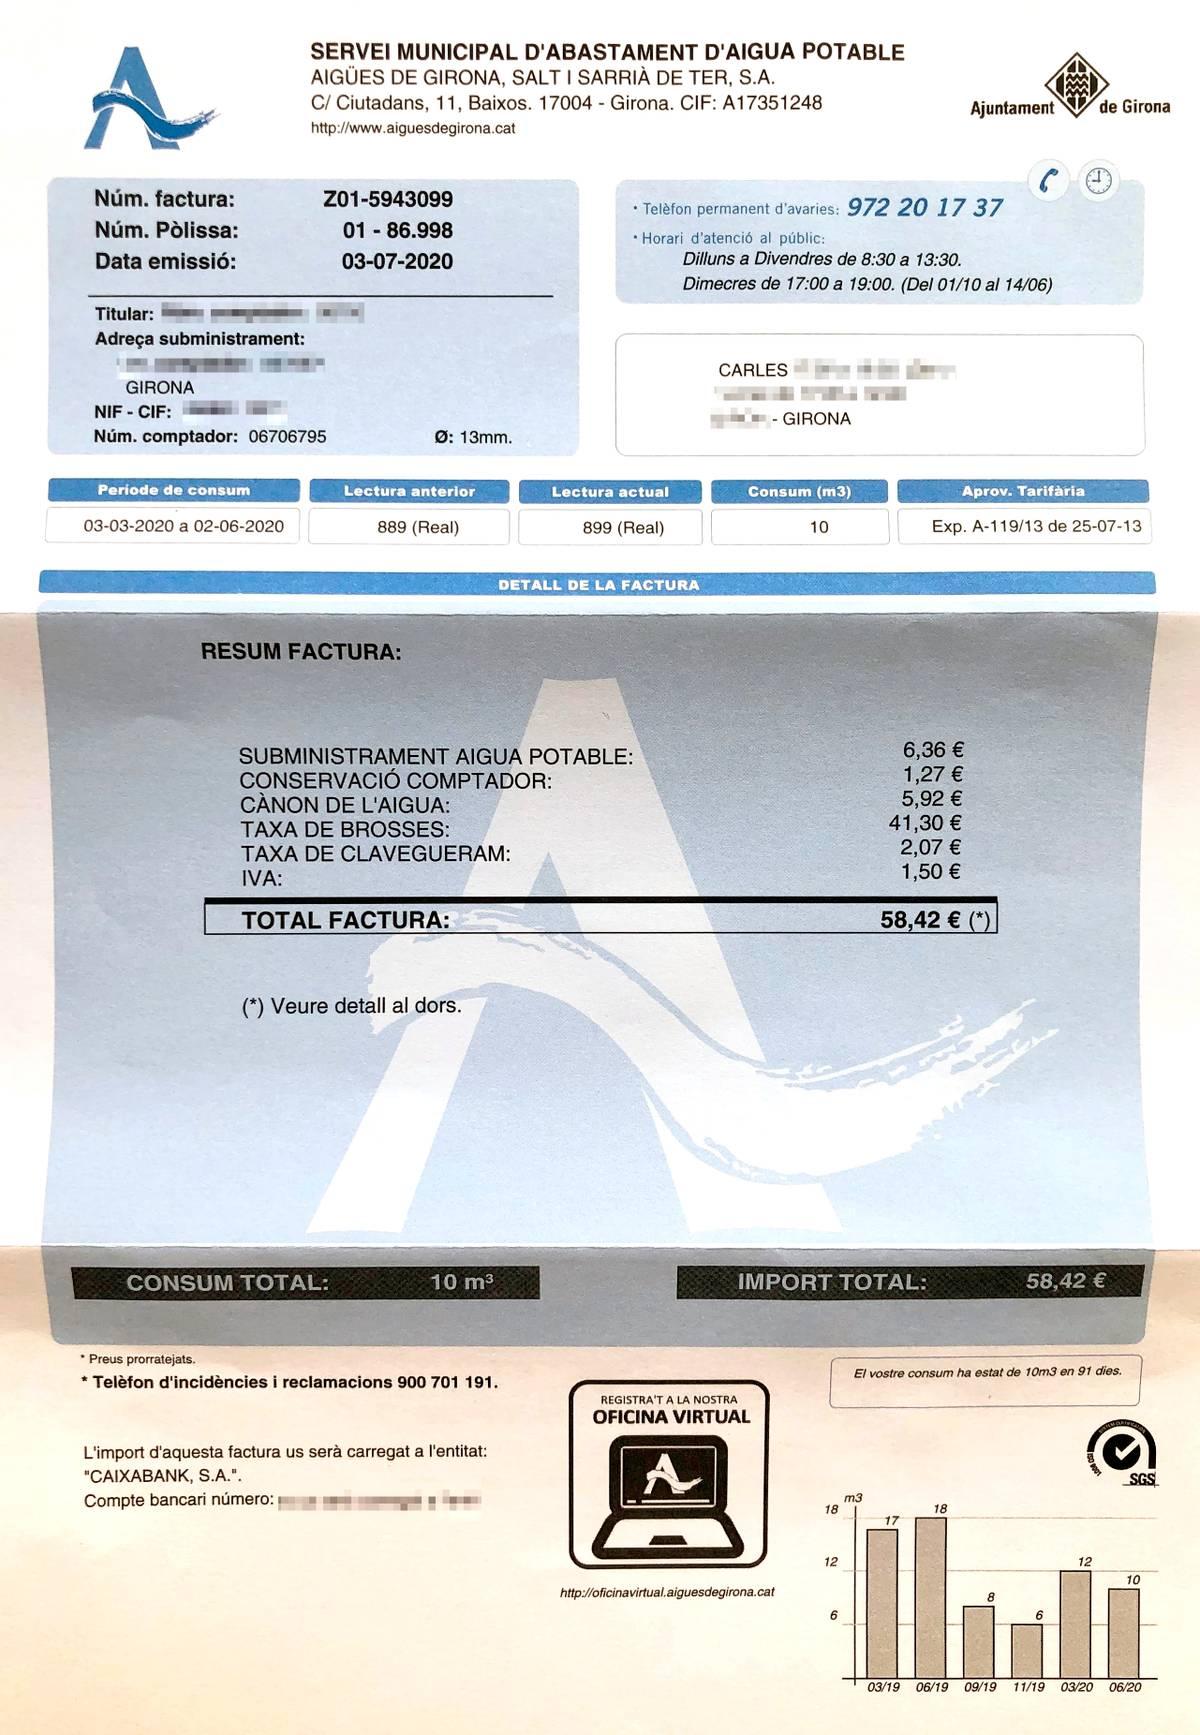 Счет за воду за три месяца, сюда же включена плата за вывоз мусора — 41,3€